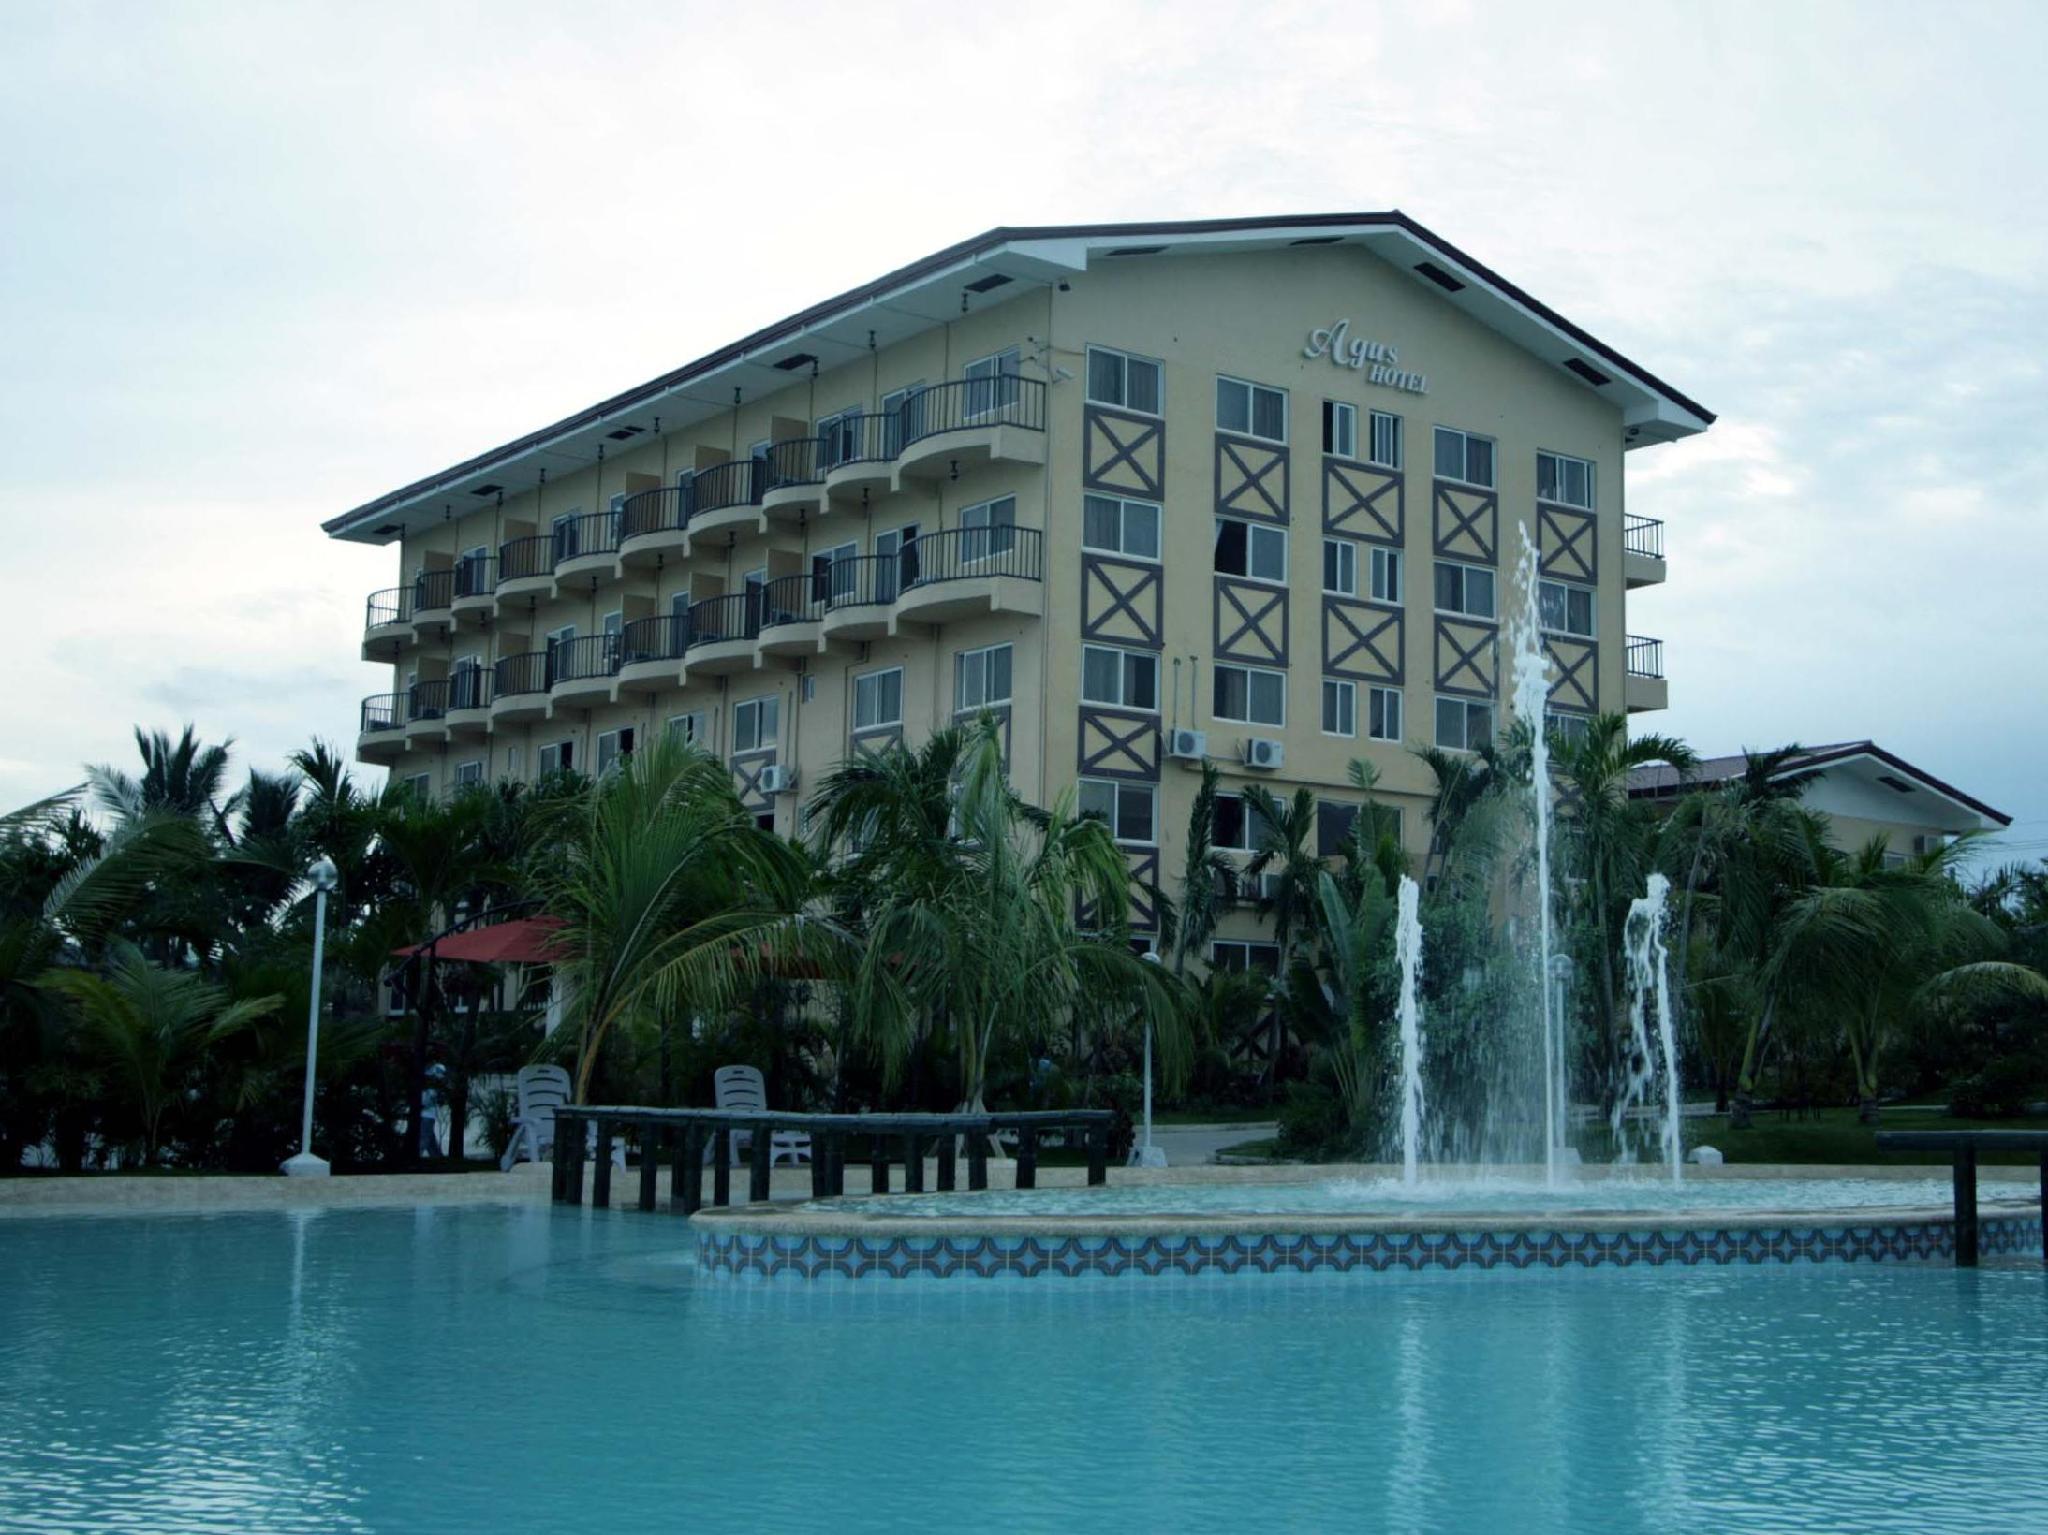 Agus Hotel and Condominium